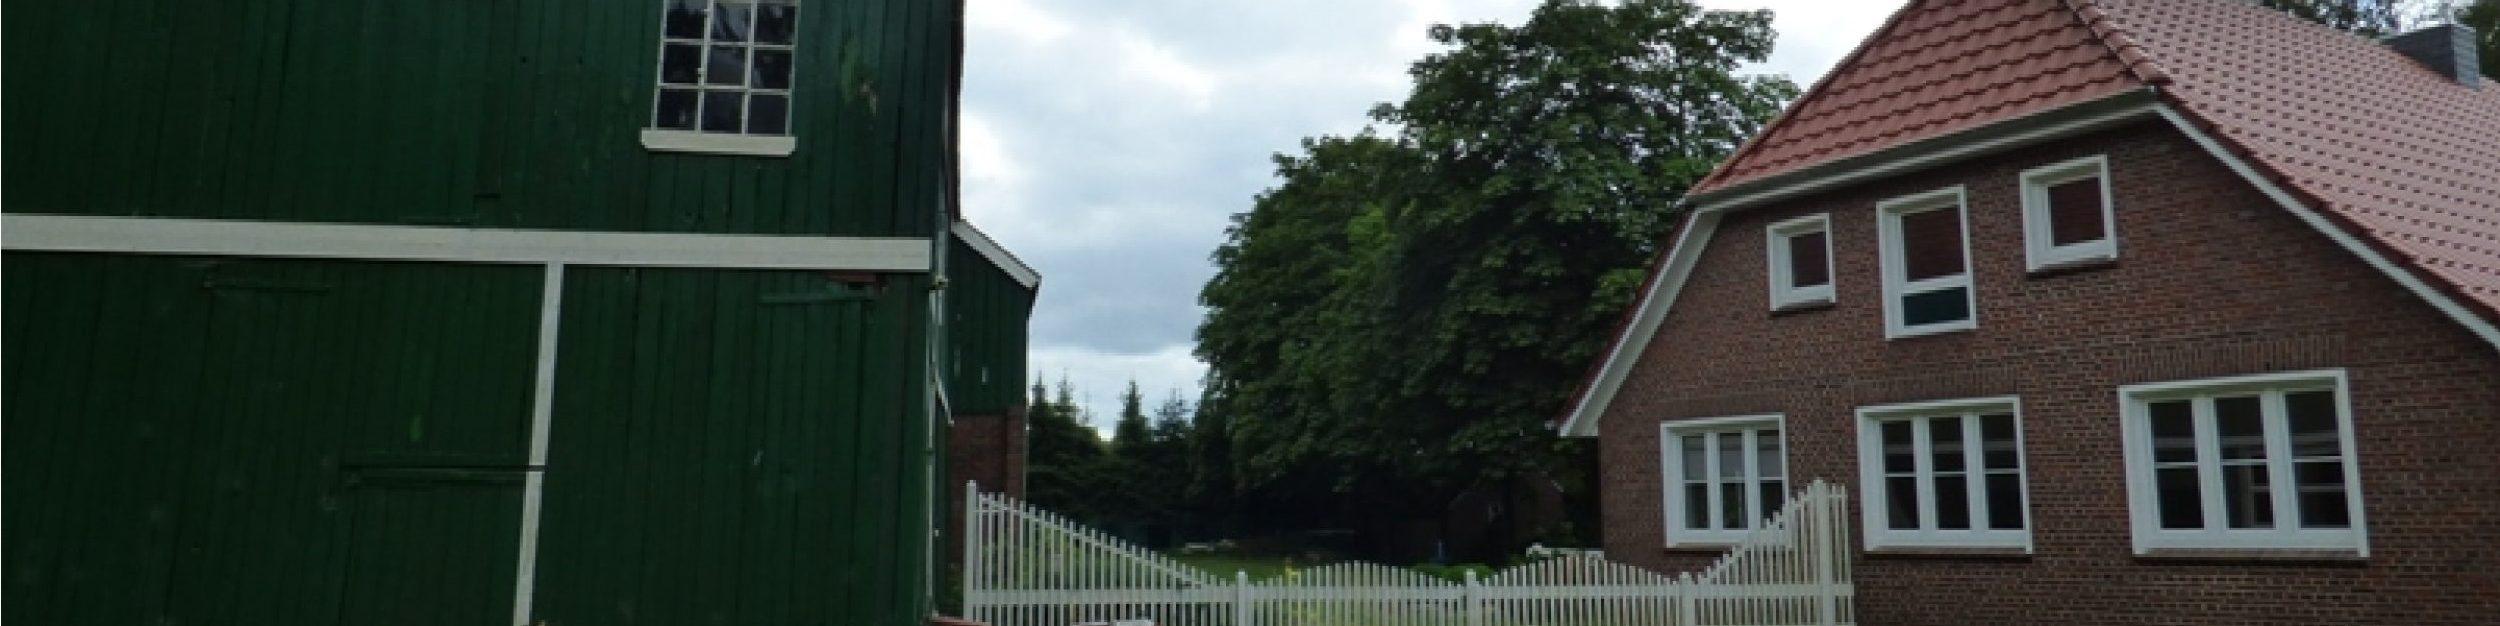 Landhaus Hollen Kinder- und Jugendhilfeeinrichtung